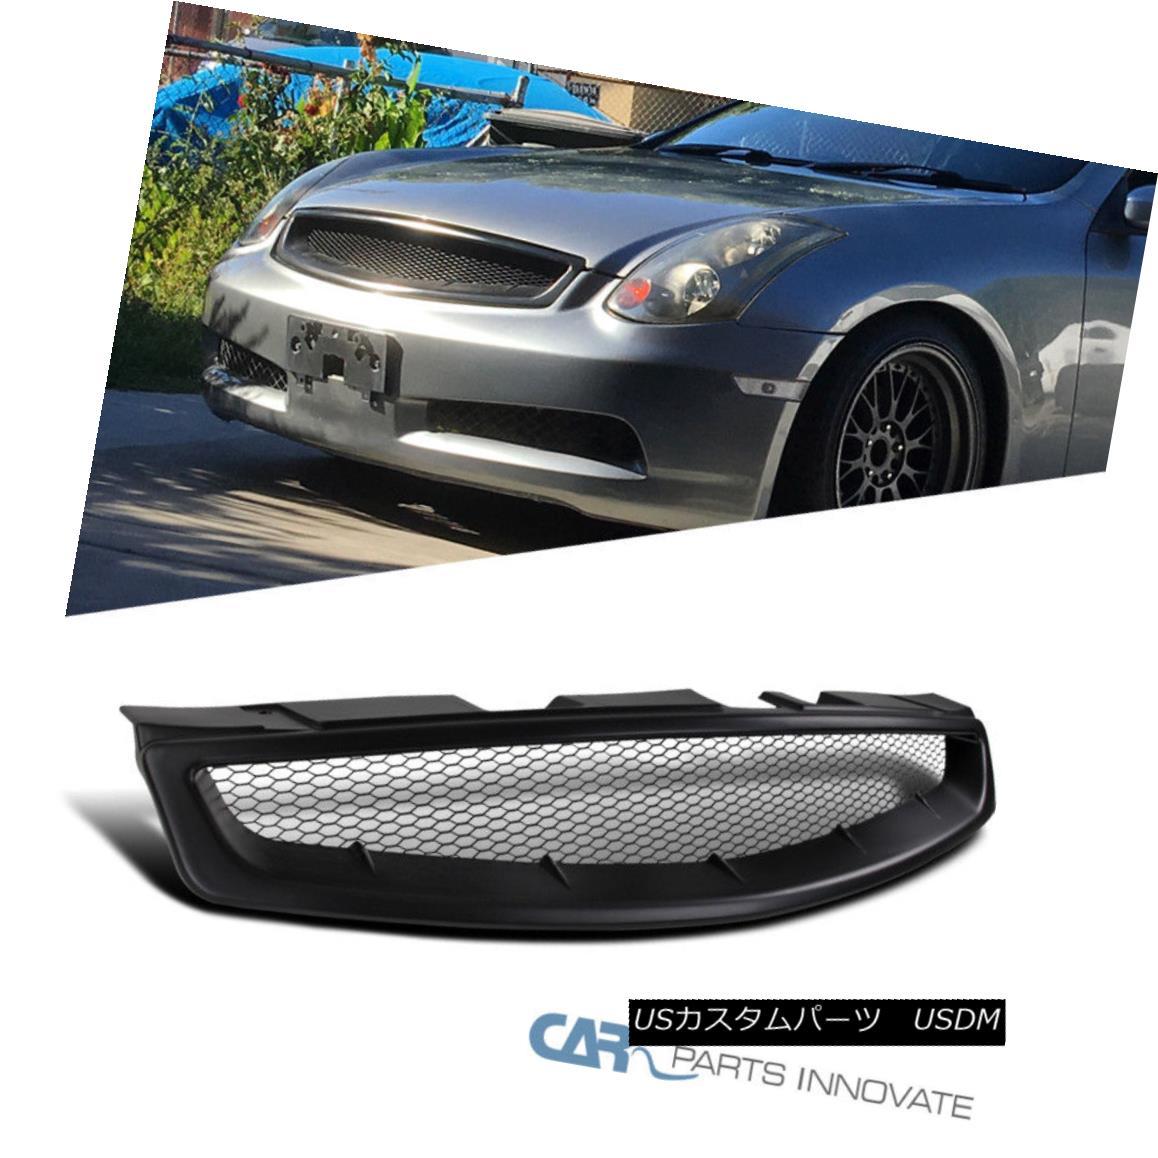 グリル Fit 03-07 Infiniti G35 2Dr Coupe Black ABS Front Hood Mesh Style Grill Grille フィット03-07インフィニティG35 2DrクーペブラックABSフロントフードメッシュスタイルグリルグリル